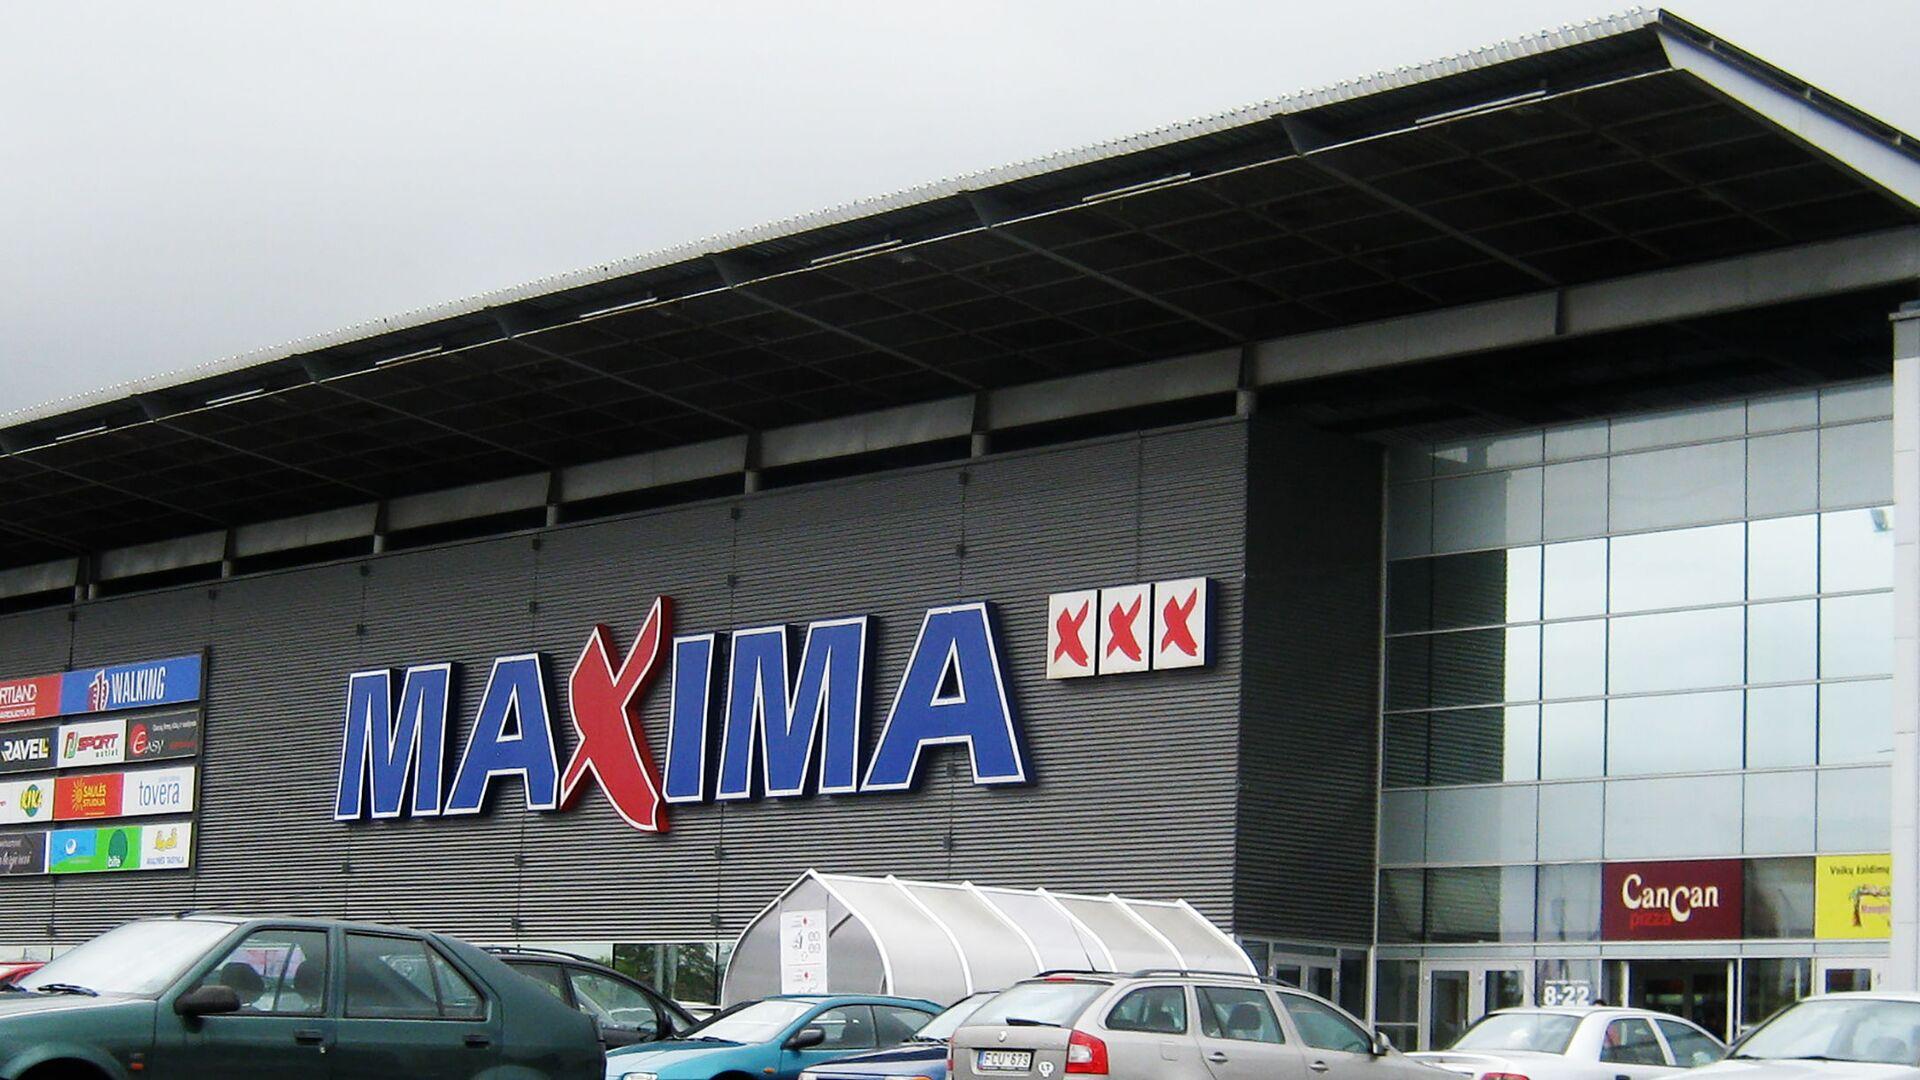 Гипермаркет Maxima в Литве, архивное фото - Sputnik Латвия, 1920, 23.09.2021